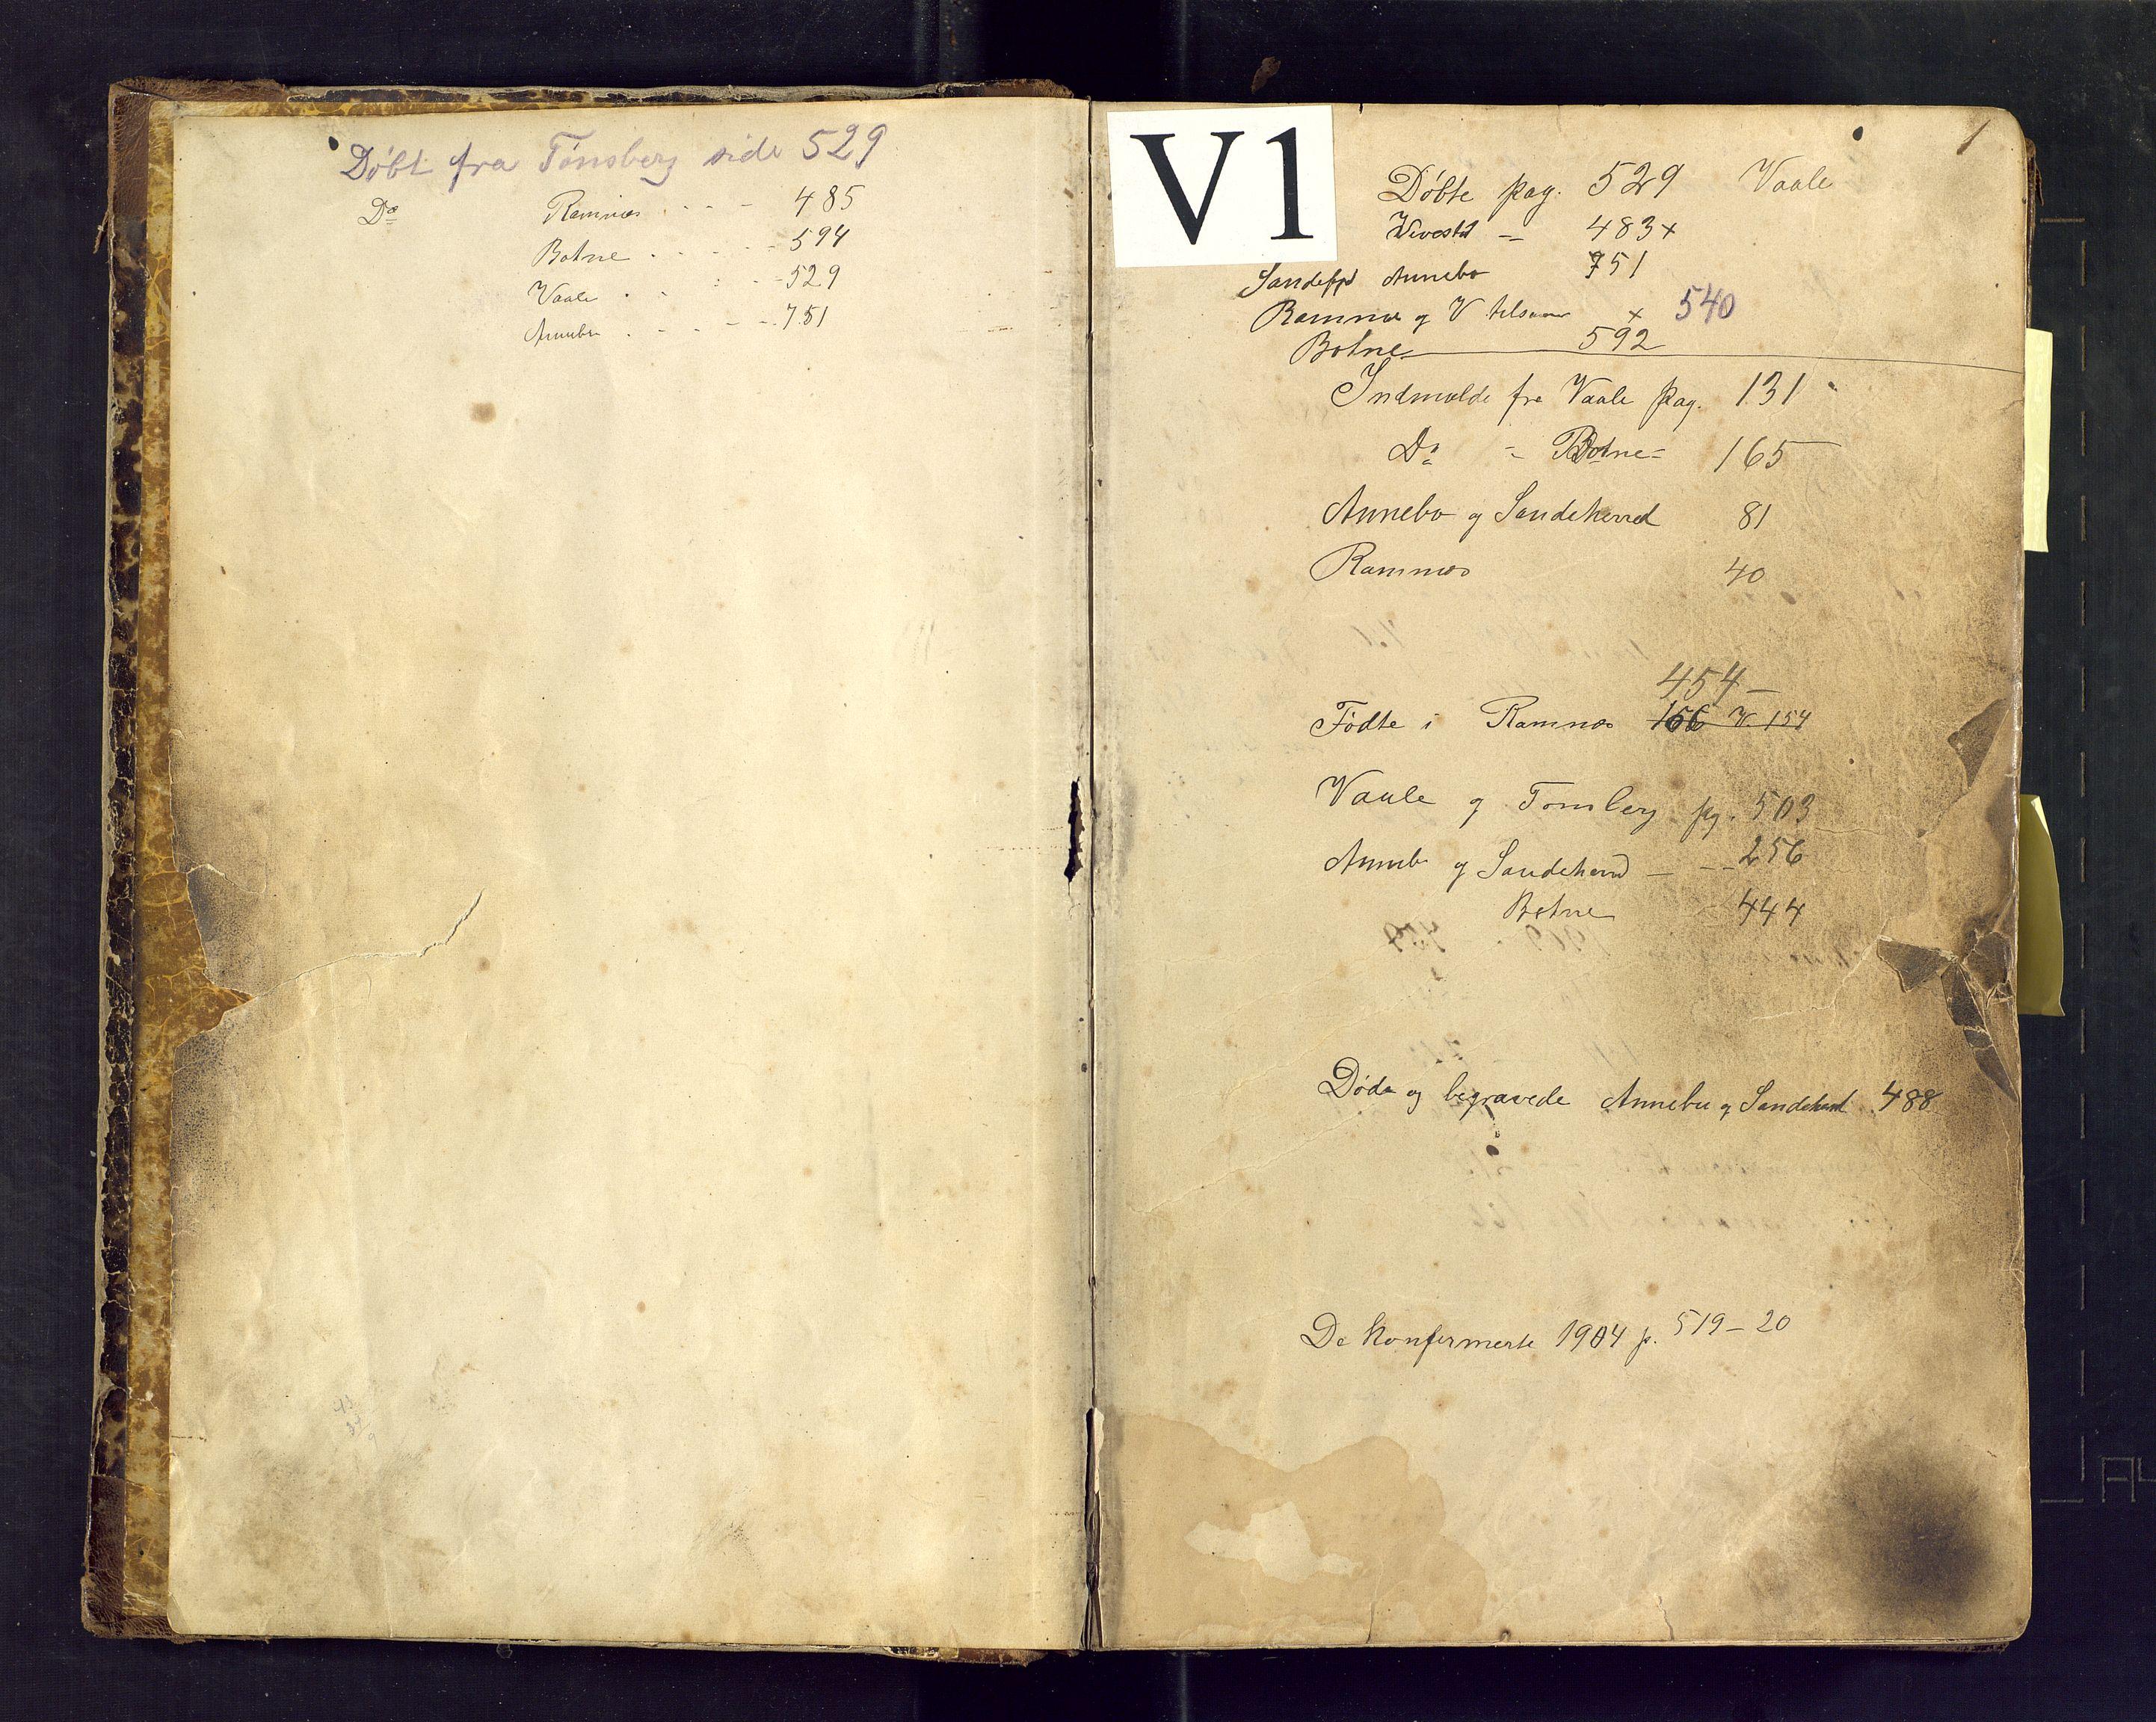 SAKO, Den evangeliske lutherske frimenighet (SAKO), Dissenterprotokoll nr. Fb/L0001, 1872-1907, s. 1